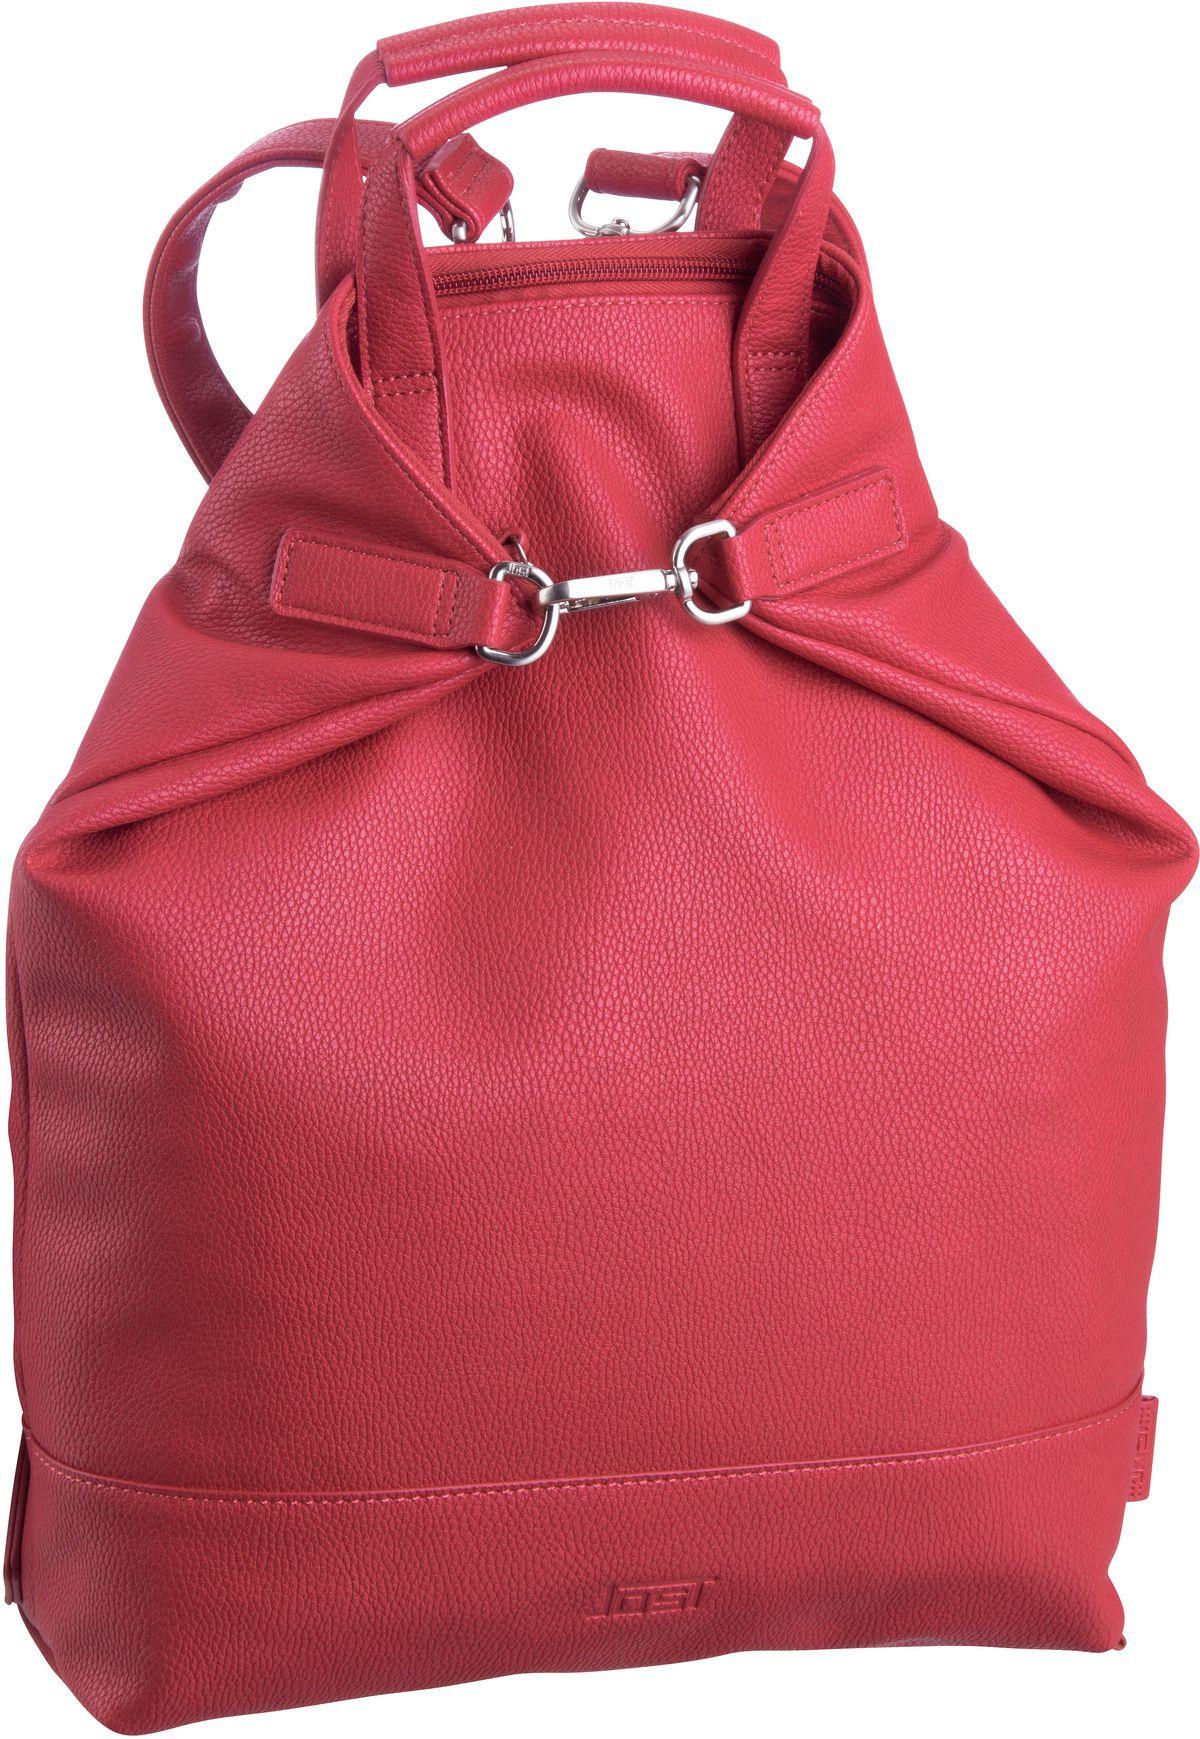 Rucksack / Daypack Merritt 2671 X-Change Bag S k